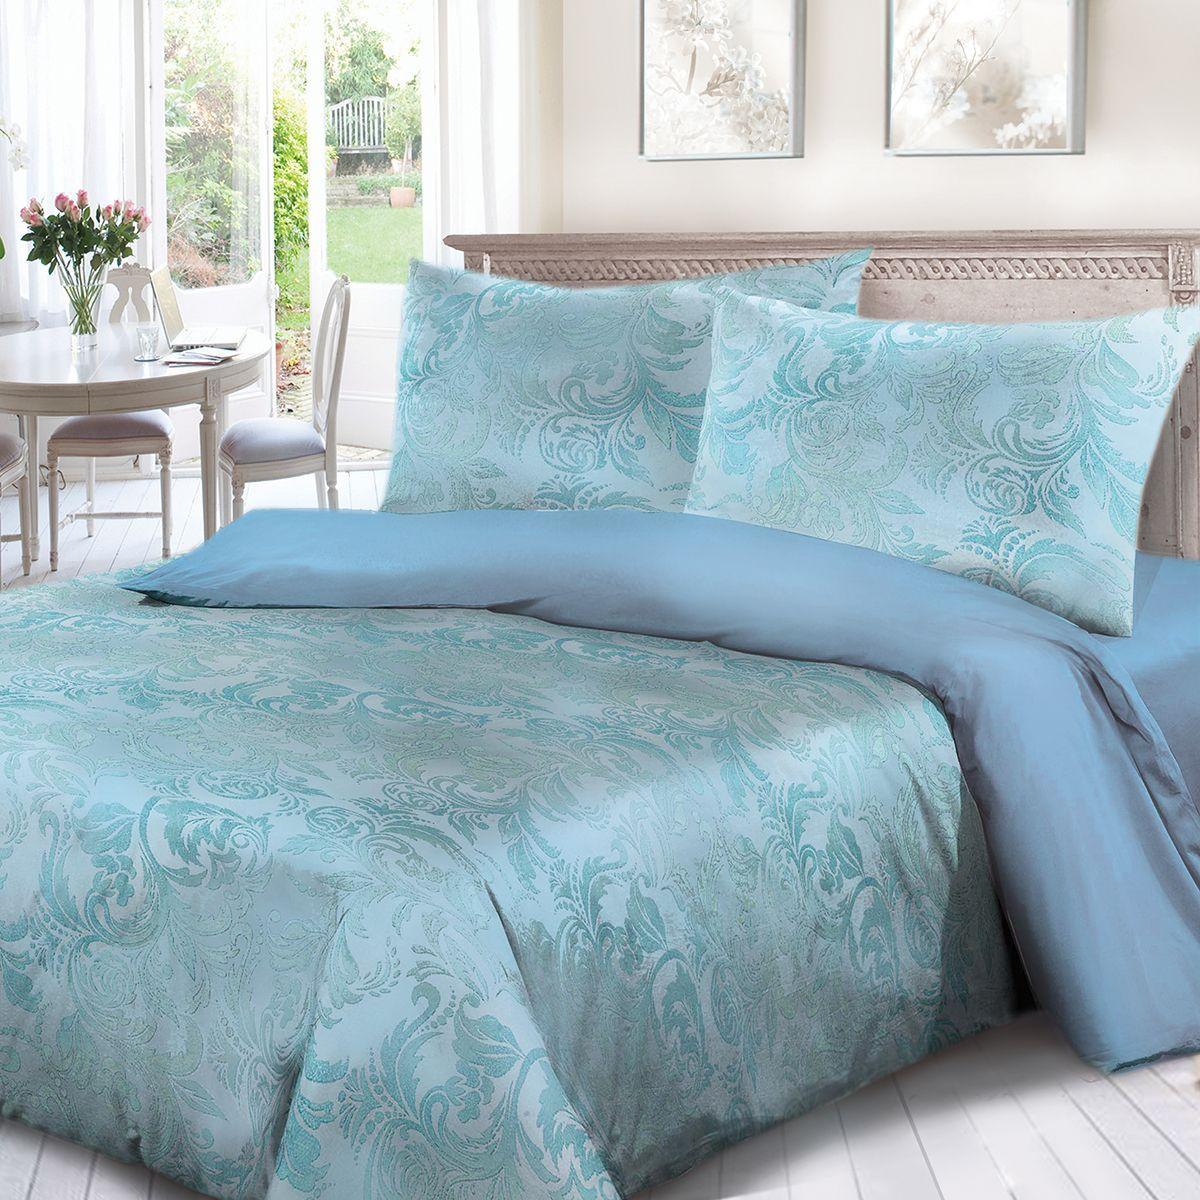 Комплект белья Сорренто Мажор, 1,5 спальное, наволочки 70x70, цвет: голубой. 3963-587889